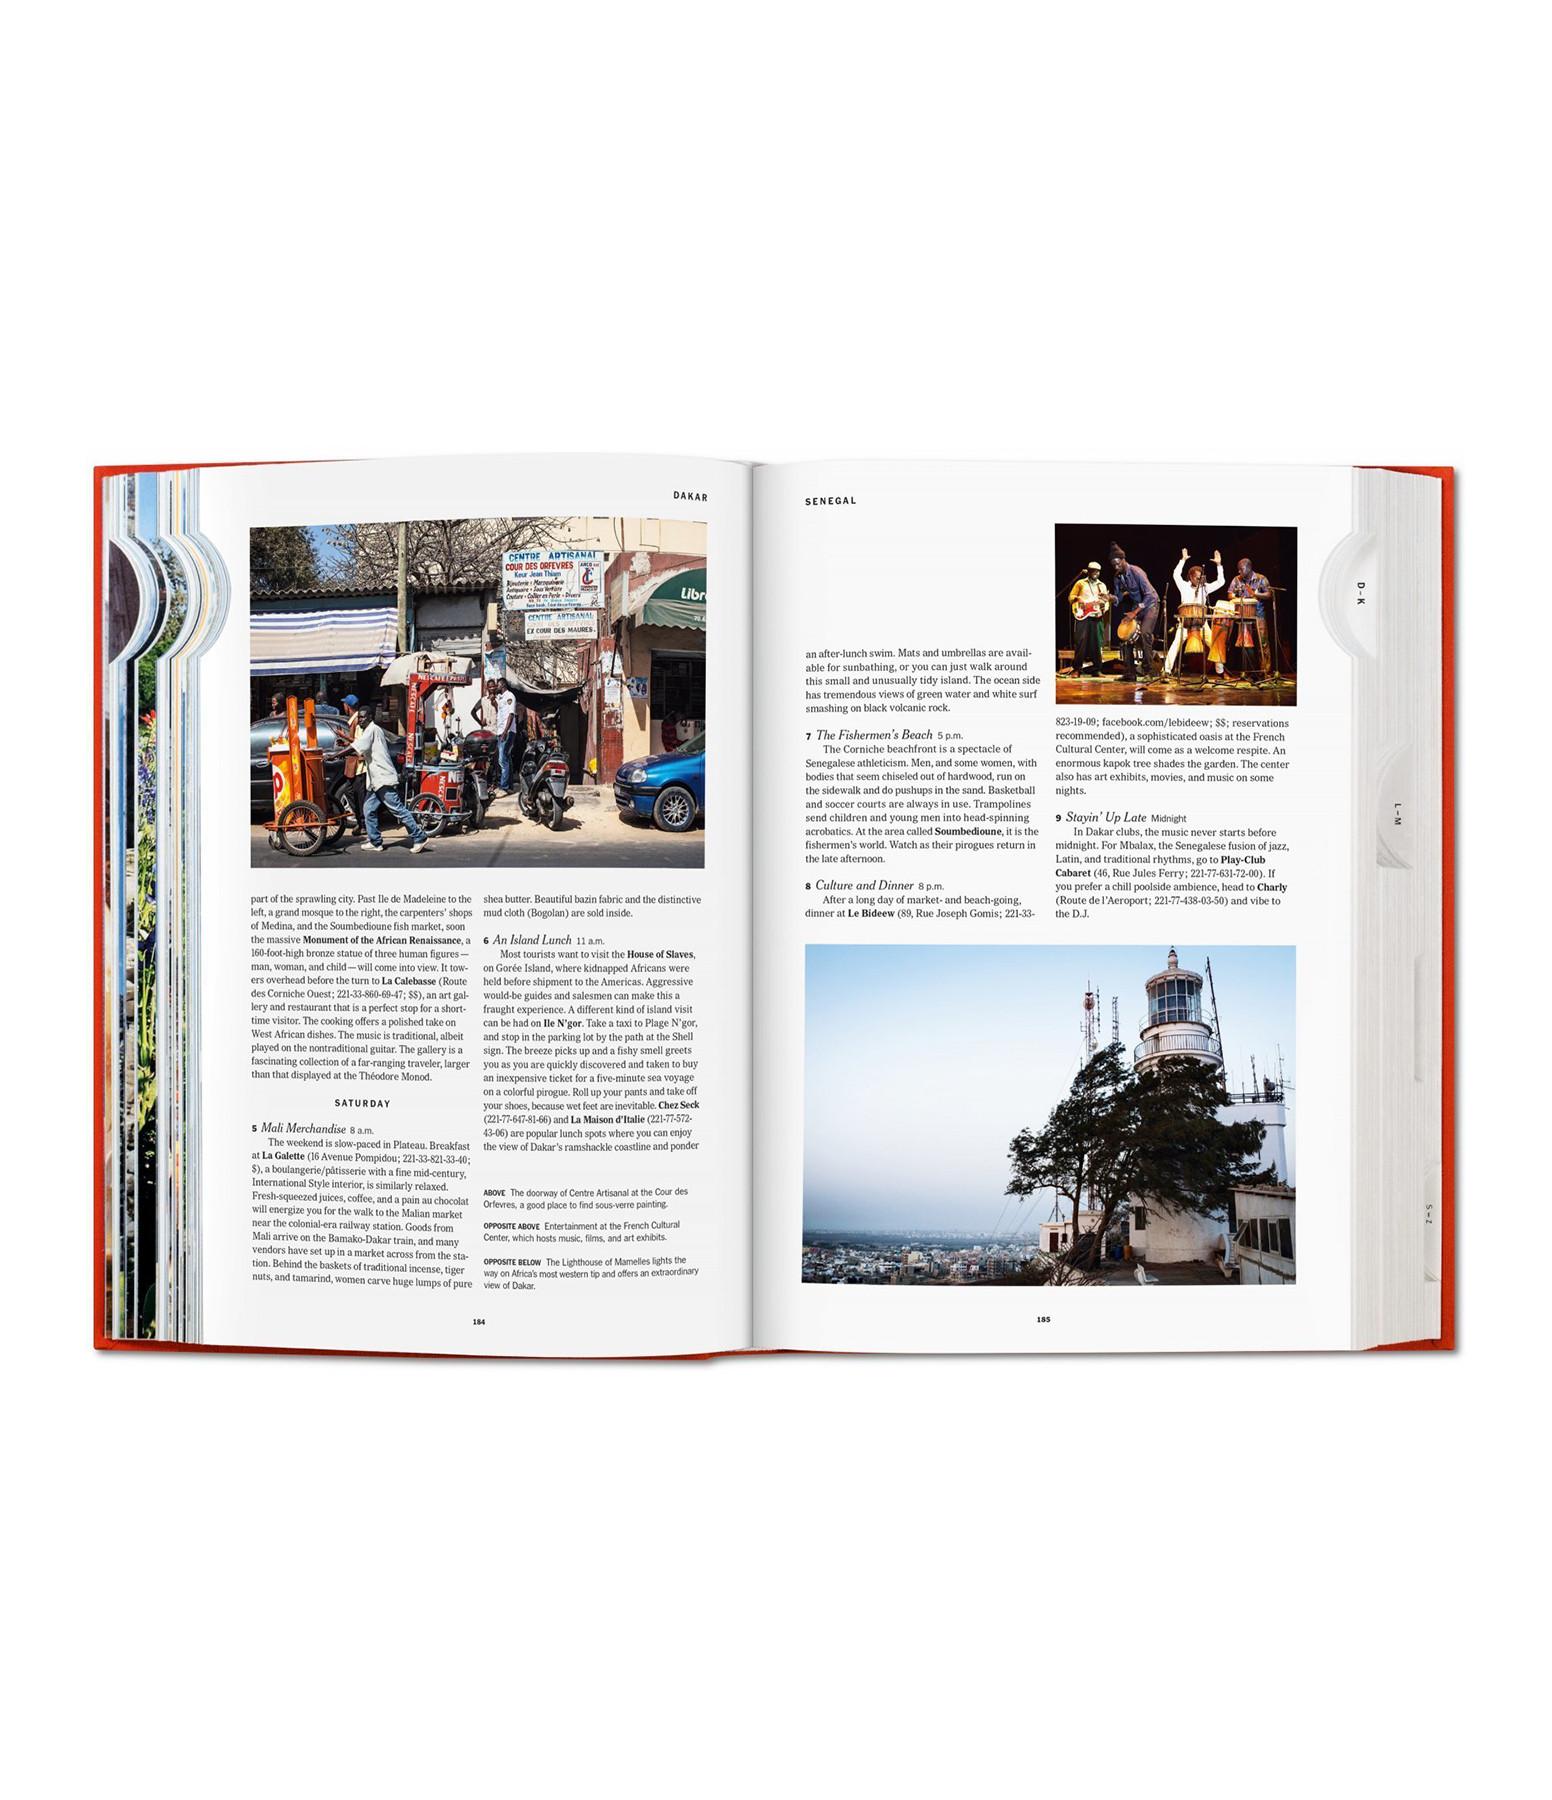 TASCHEN - Livre NYT 36 Hours Monde, 150 villes